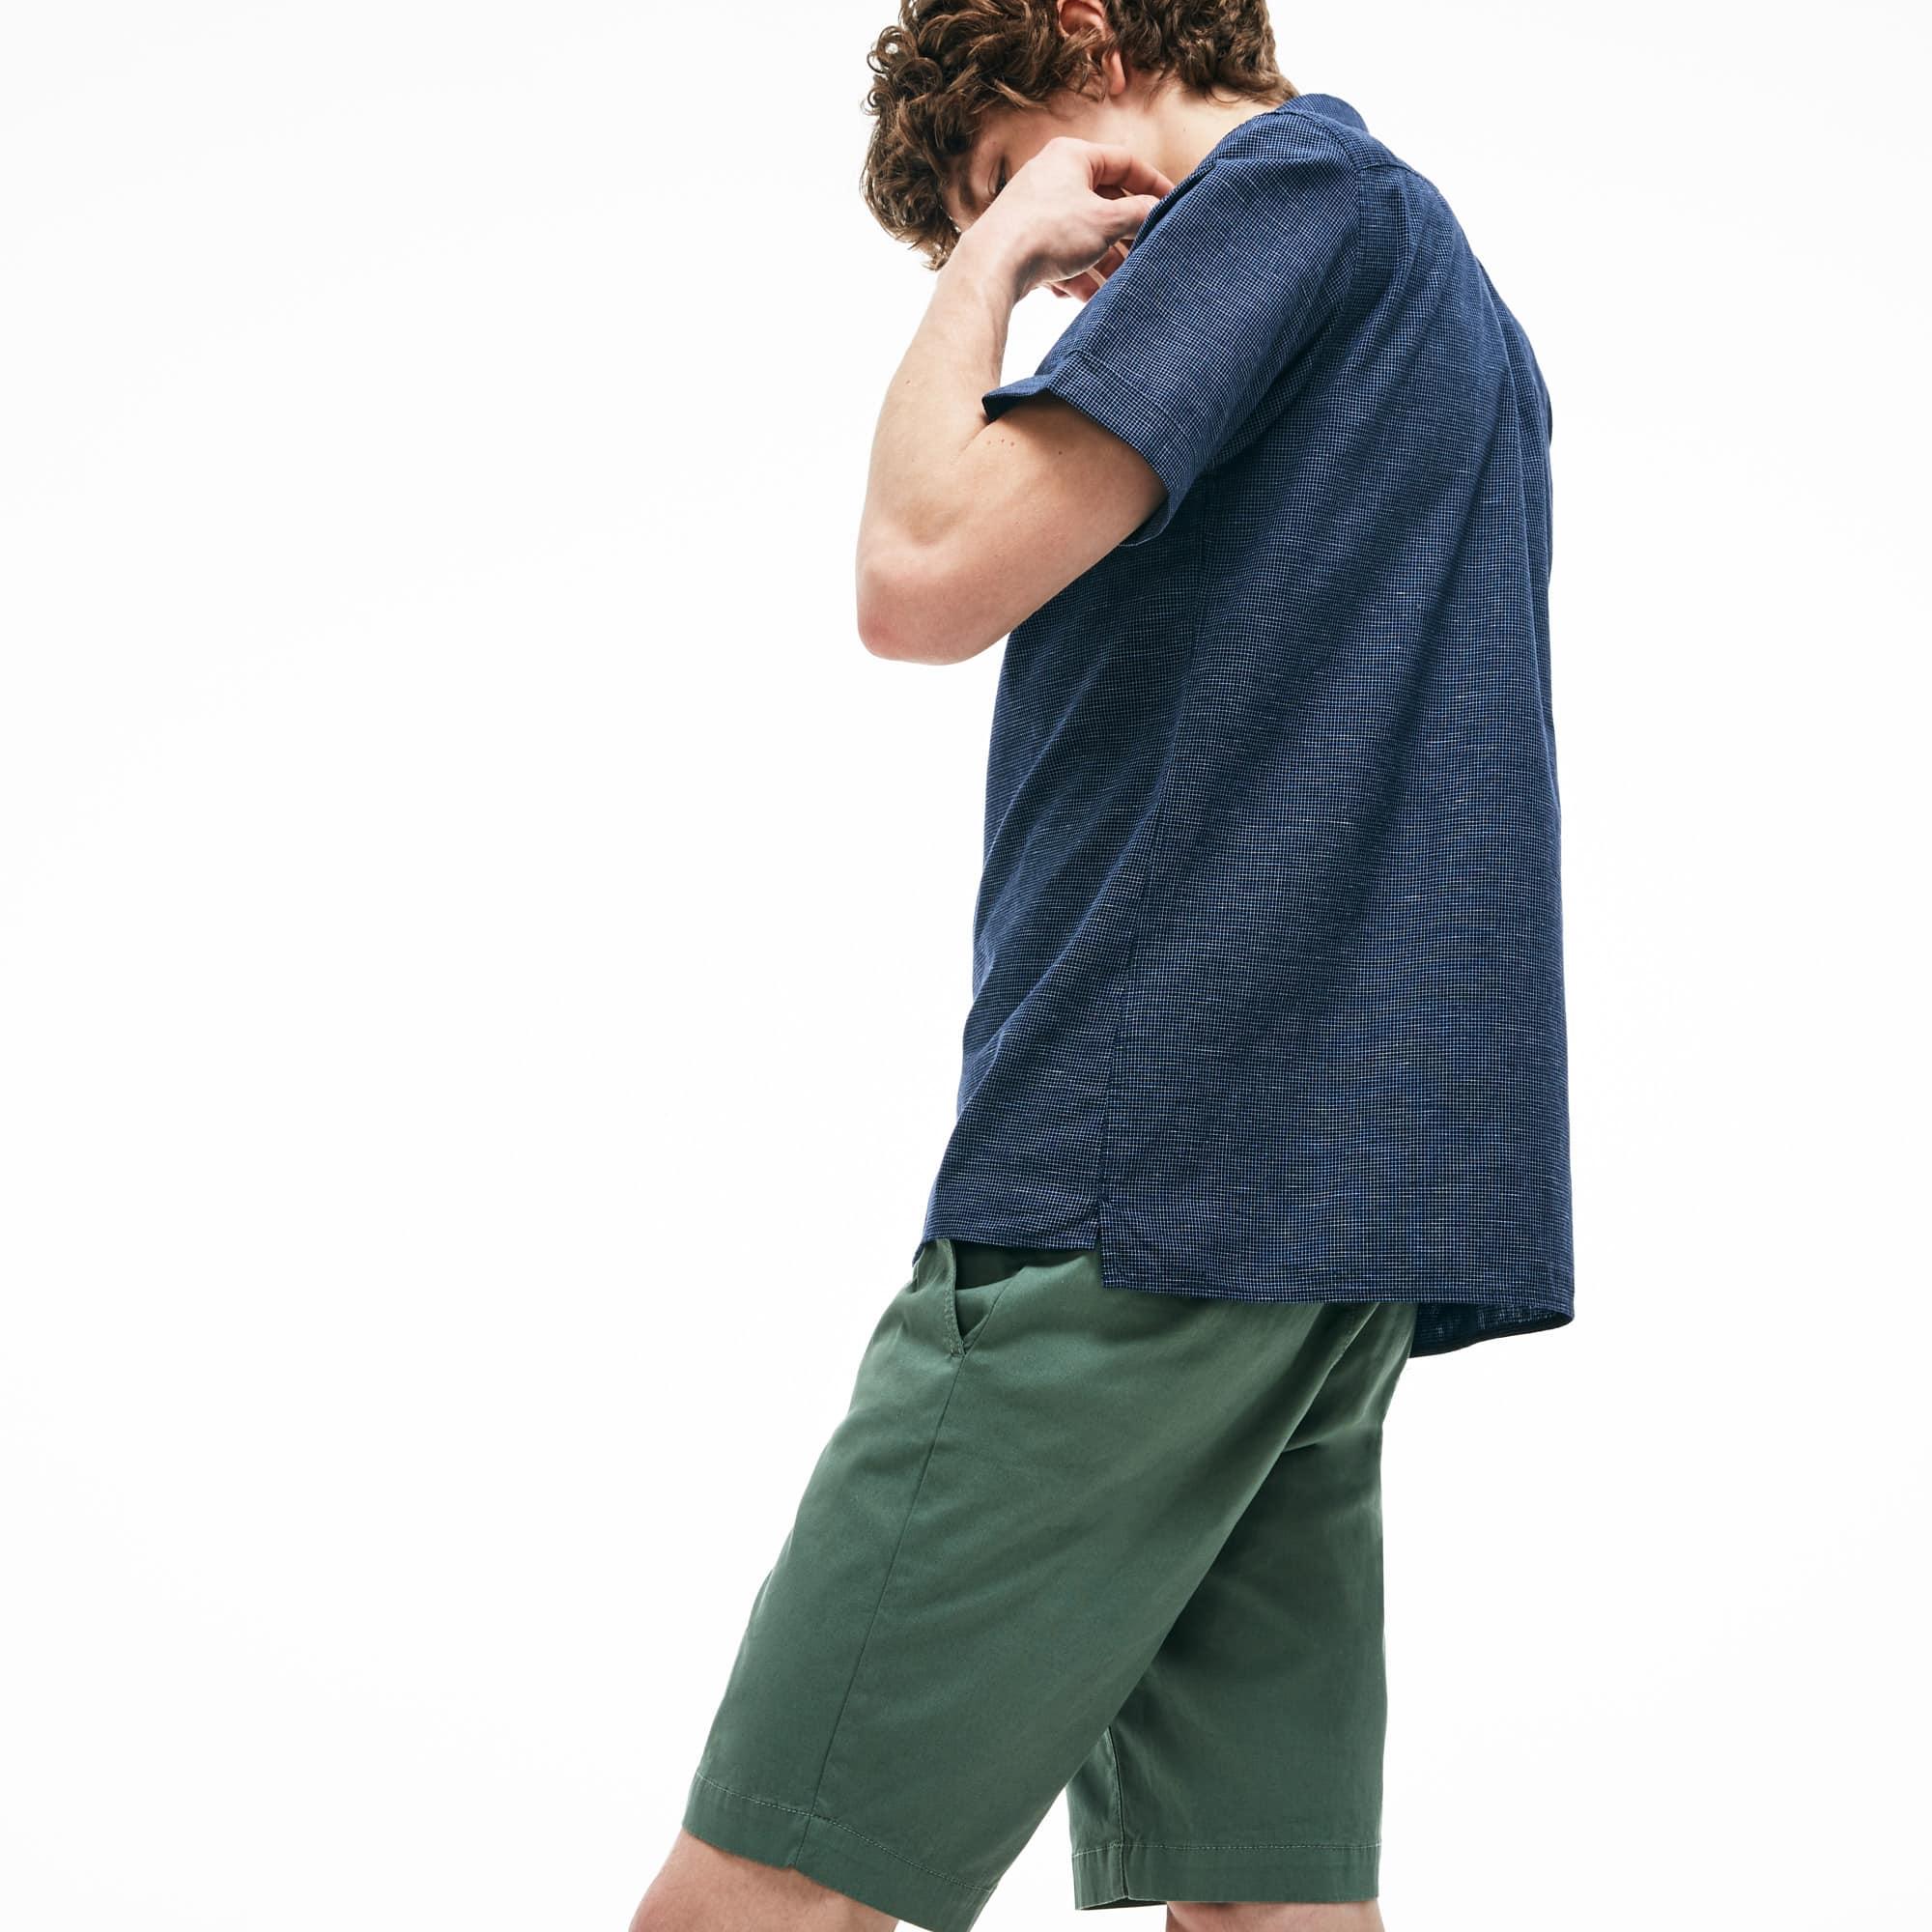 premium selection 213fb d0aaa Regular Fit Herren-Hemd aus Baumwoll-Leinen mit kurzen Ärmeln